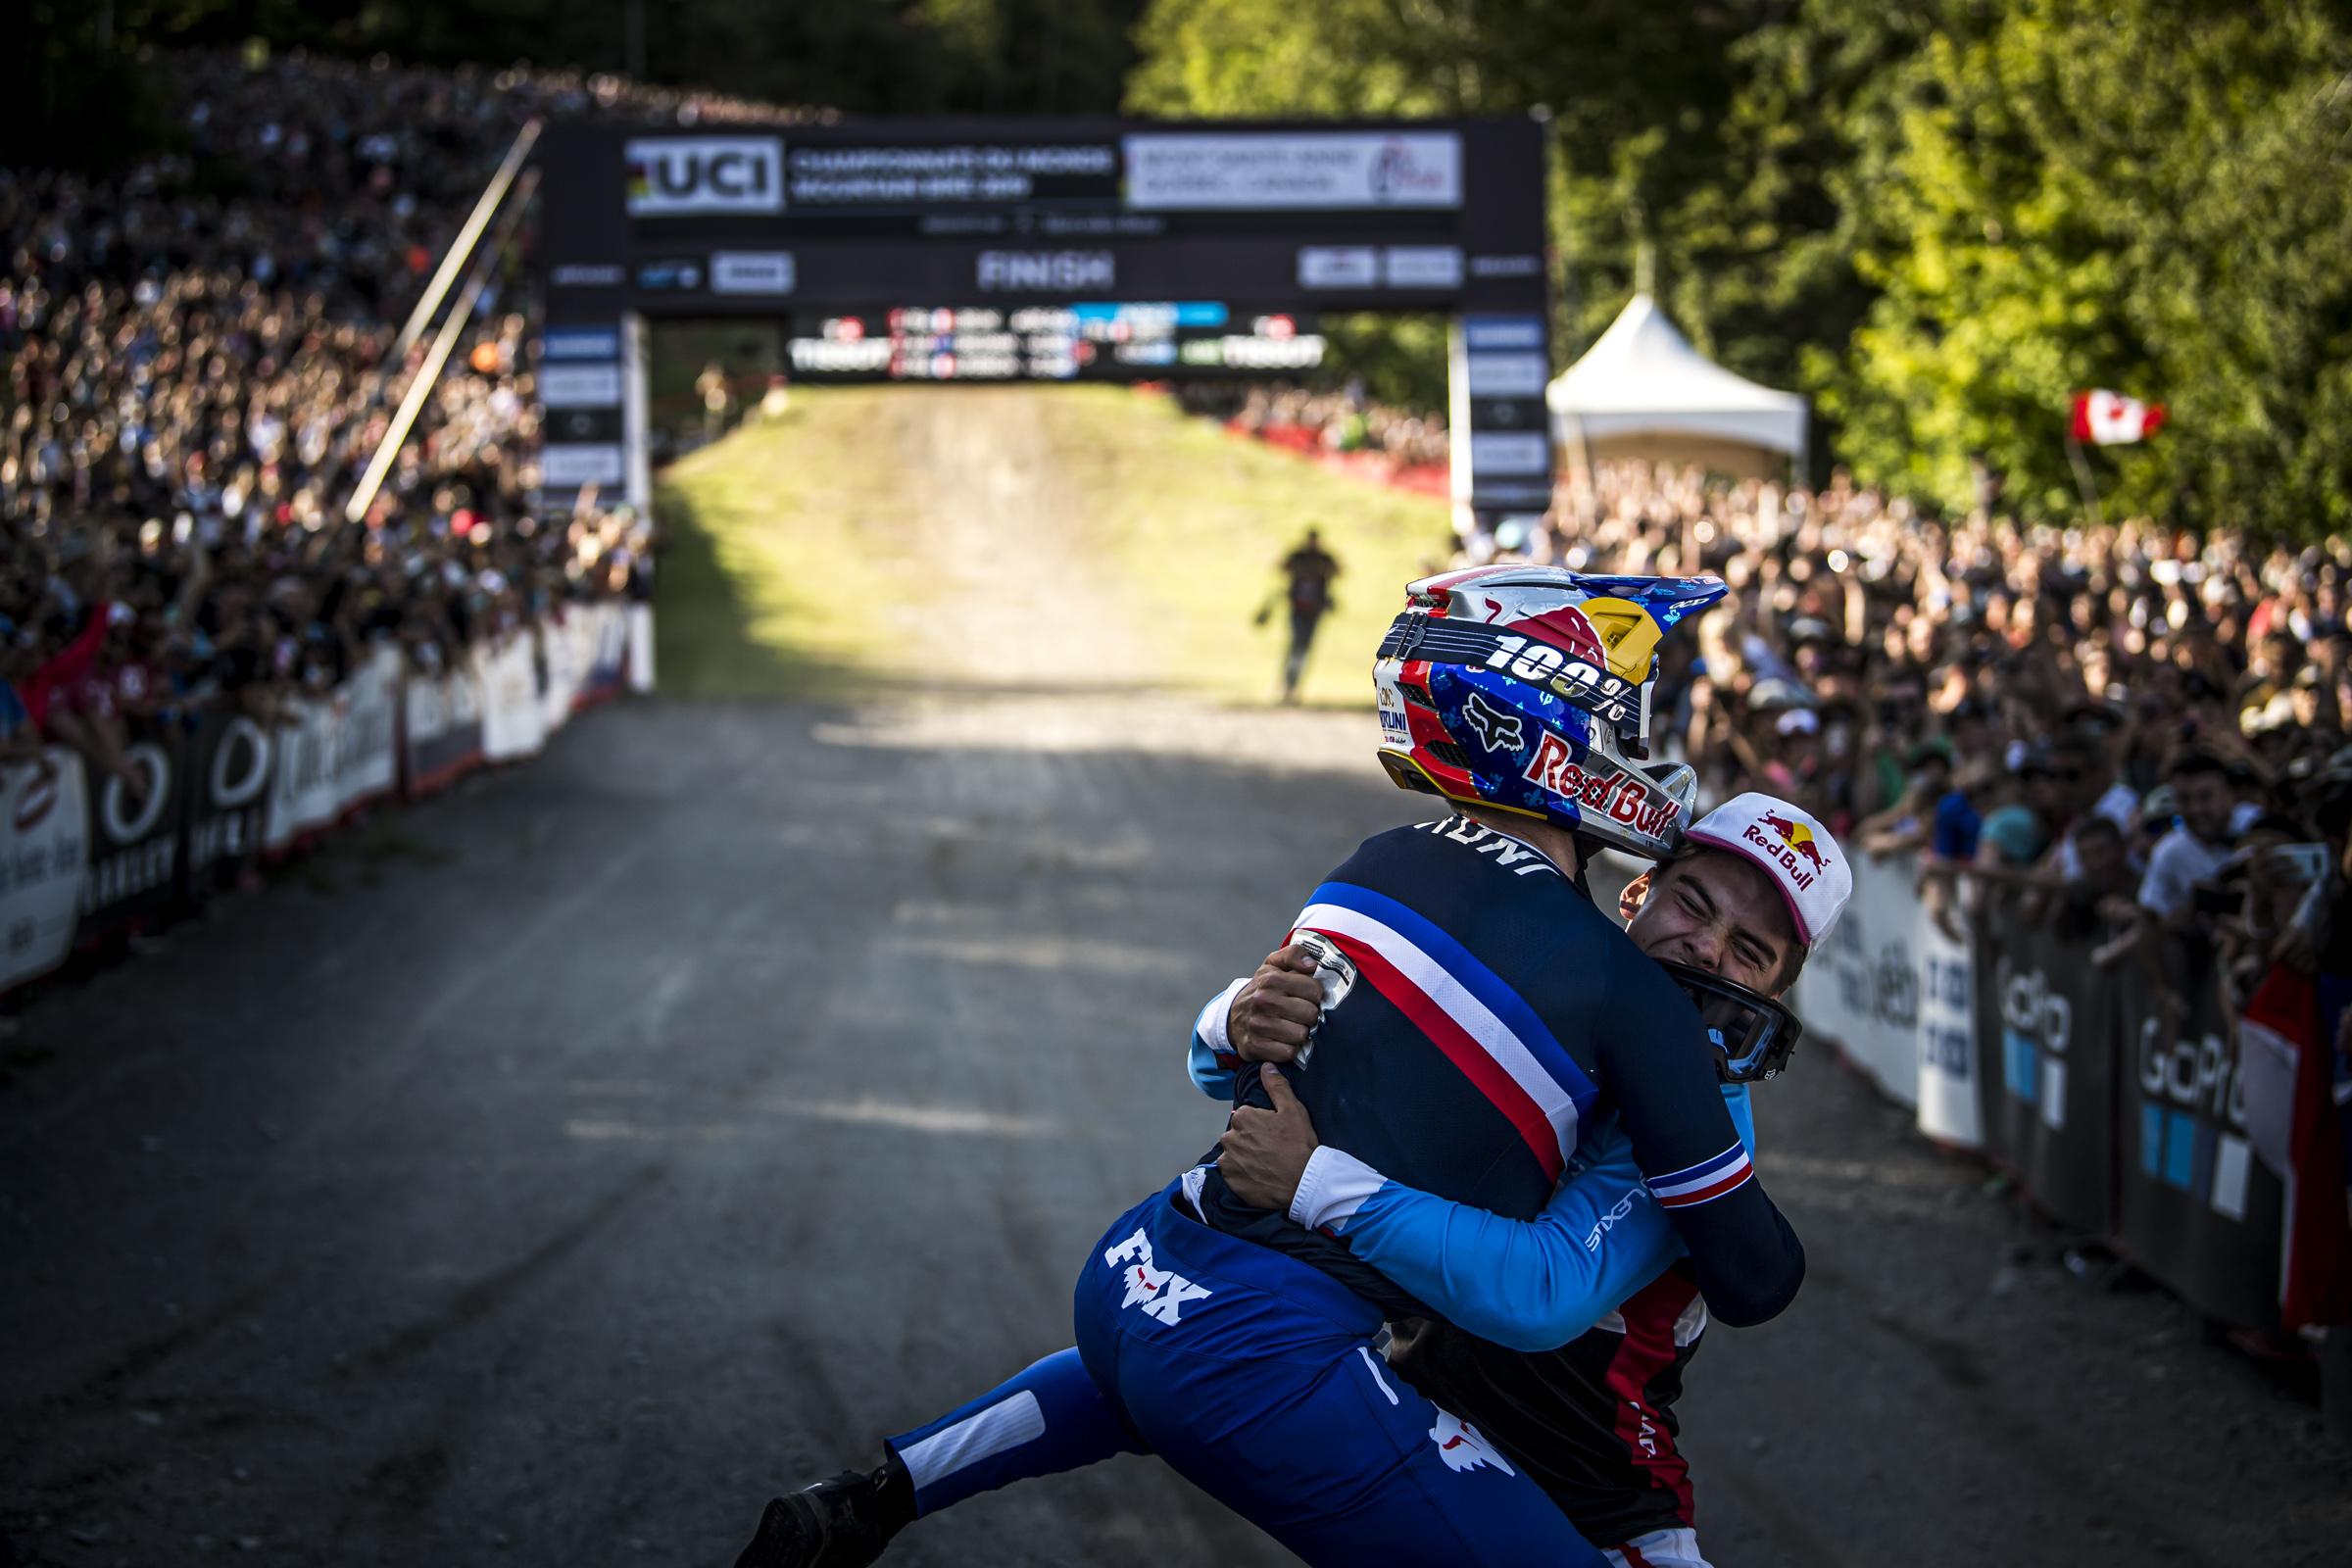 Loic Bruni i Myriam Nicole z tytułami Mistrzów Świata w downhillu